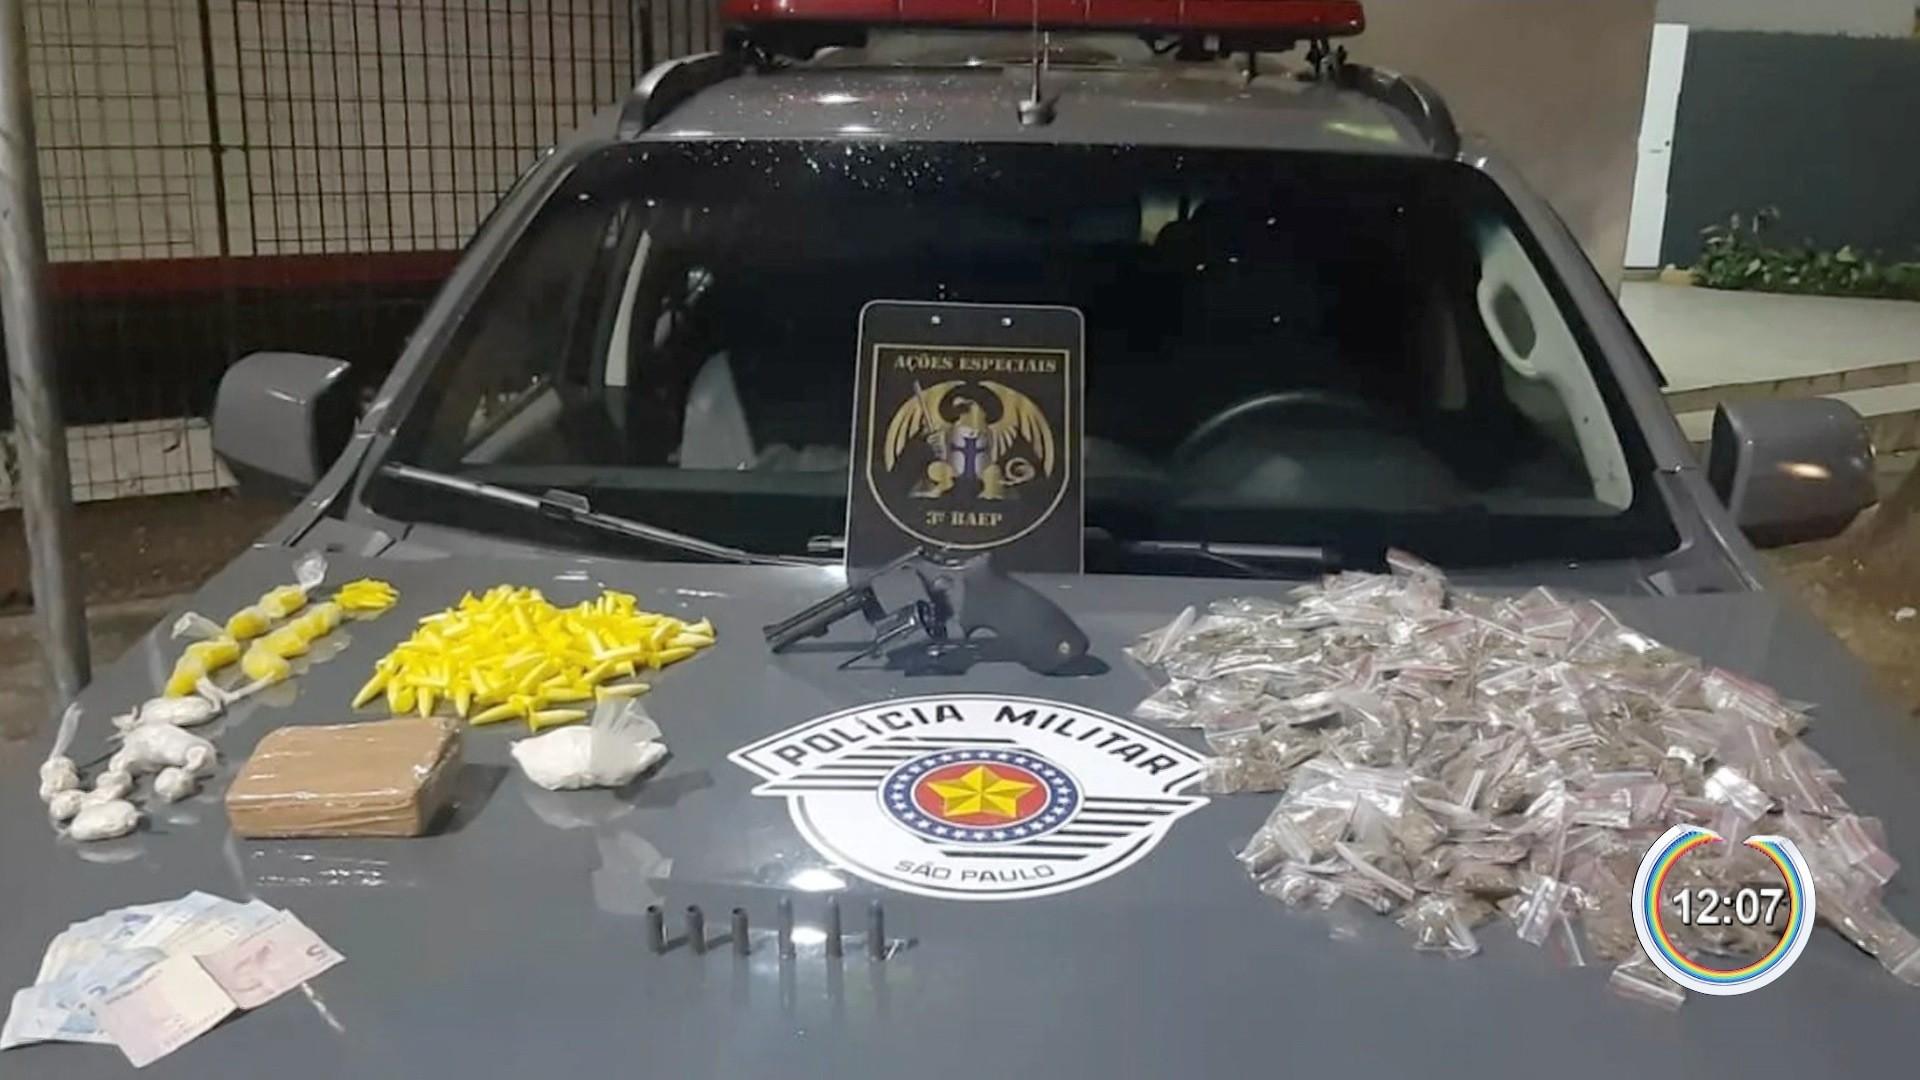 Polícia intervém em tentativa de homicídio e suspeito morre no Bairro Santos Dumont - Notícias - Plantão Diário